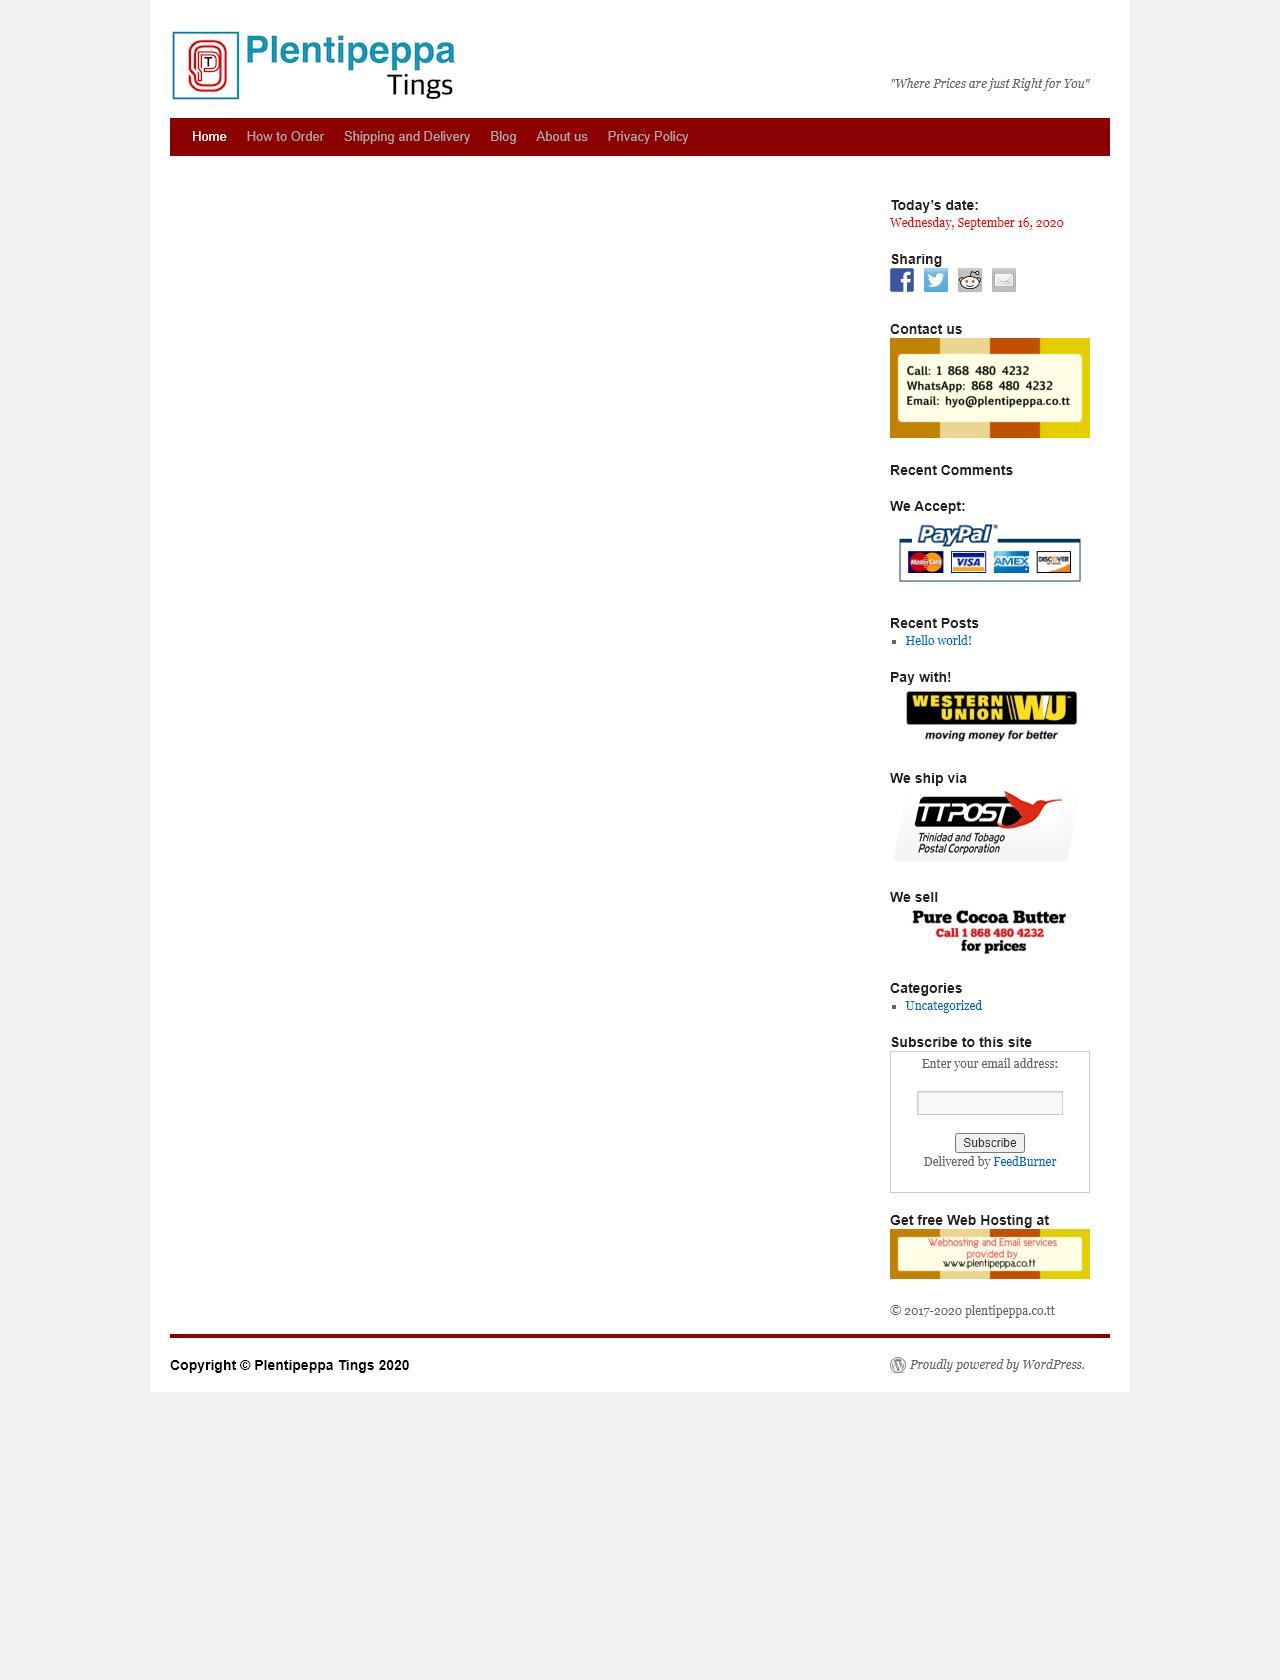 Screenshot Desktop - https://www.plentipeppa.co.tt/